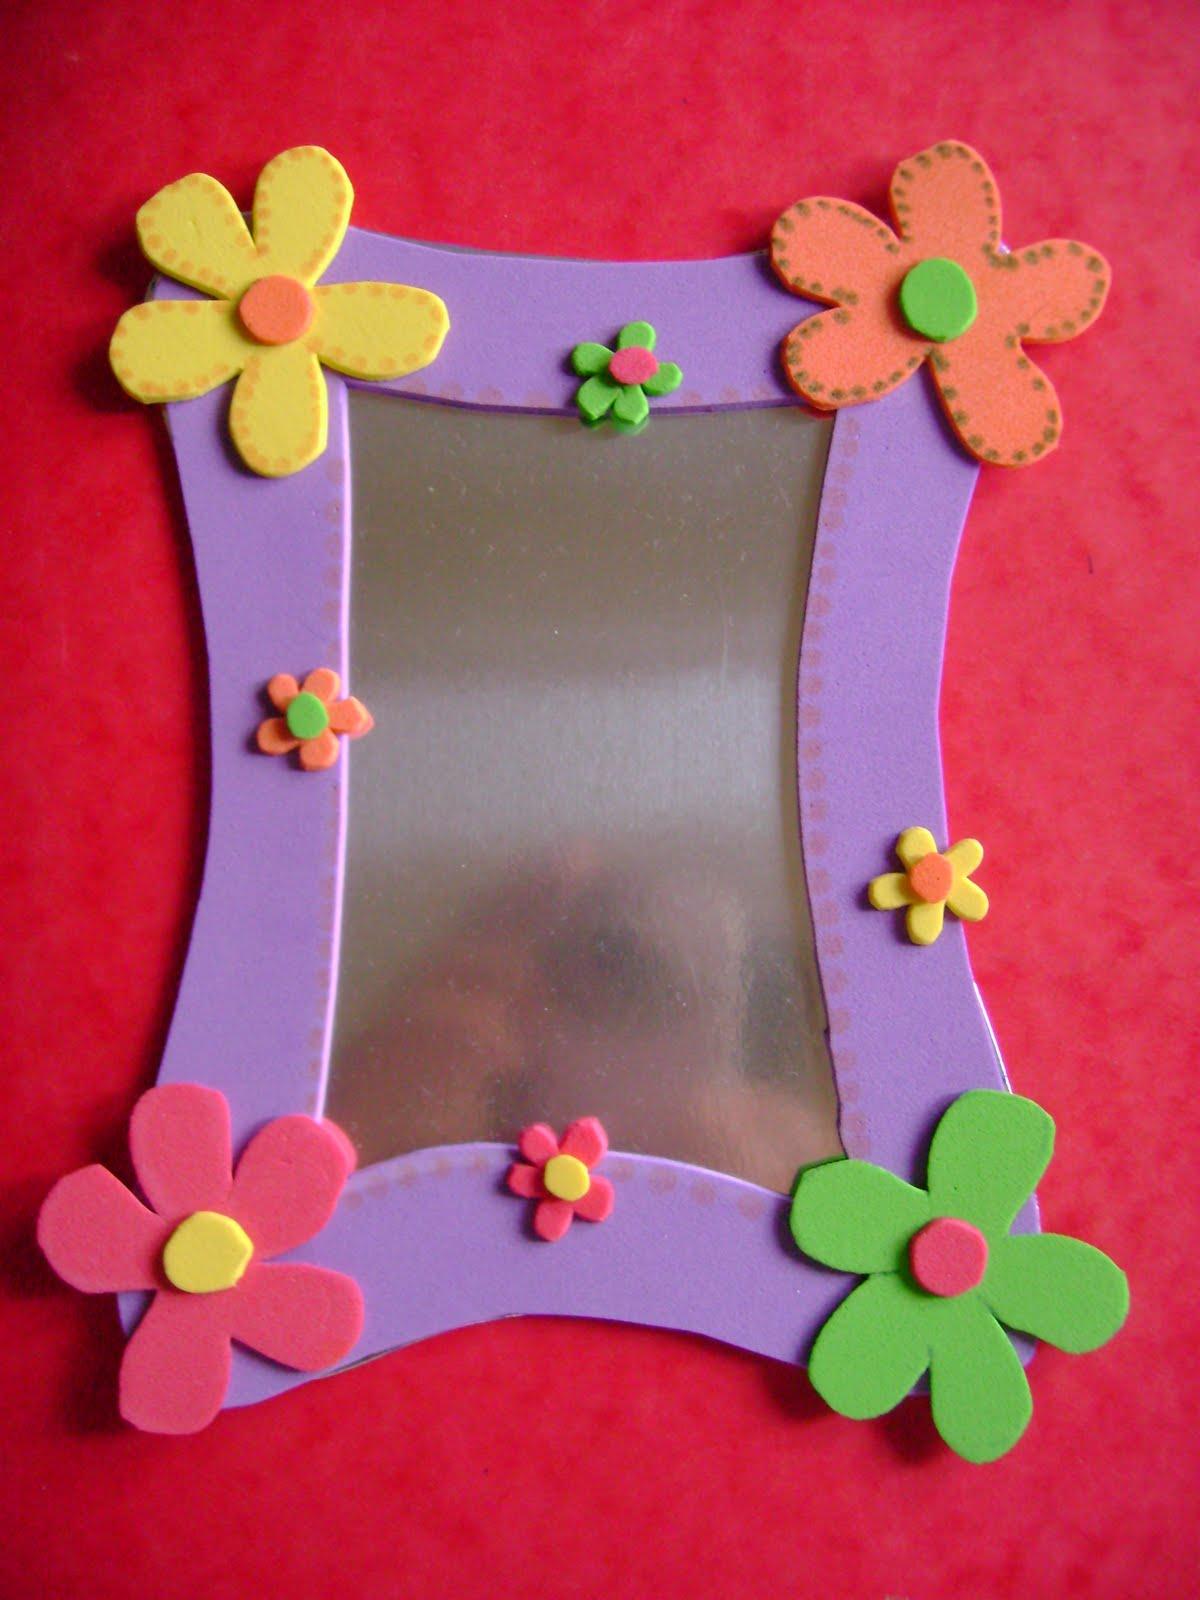 El blog encantado abril 2010 - Como hacer un marco de fotos a mano ...